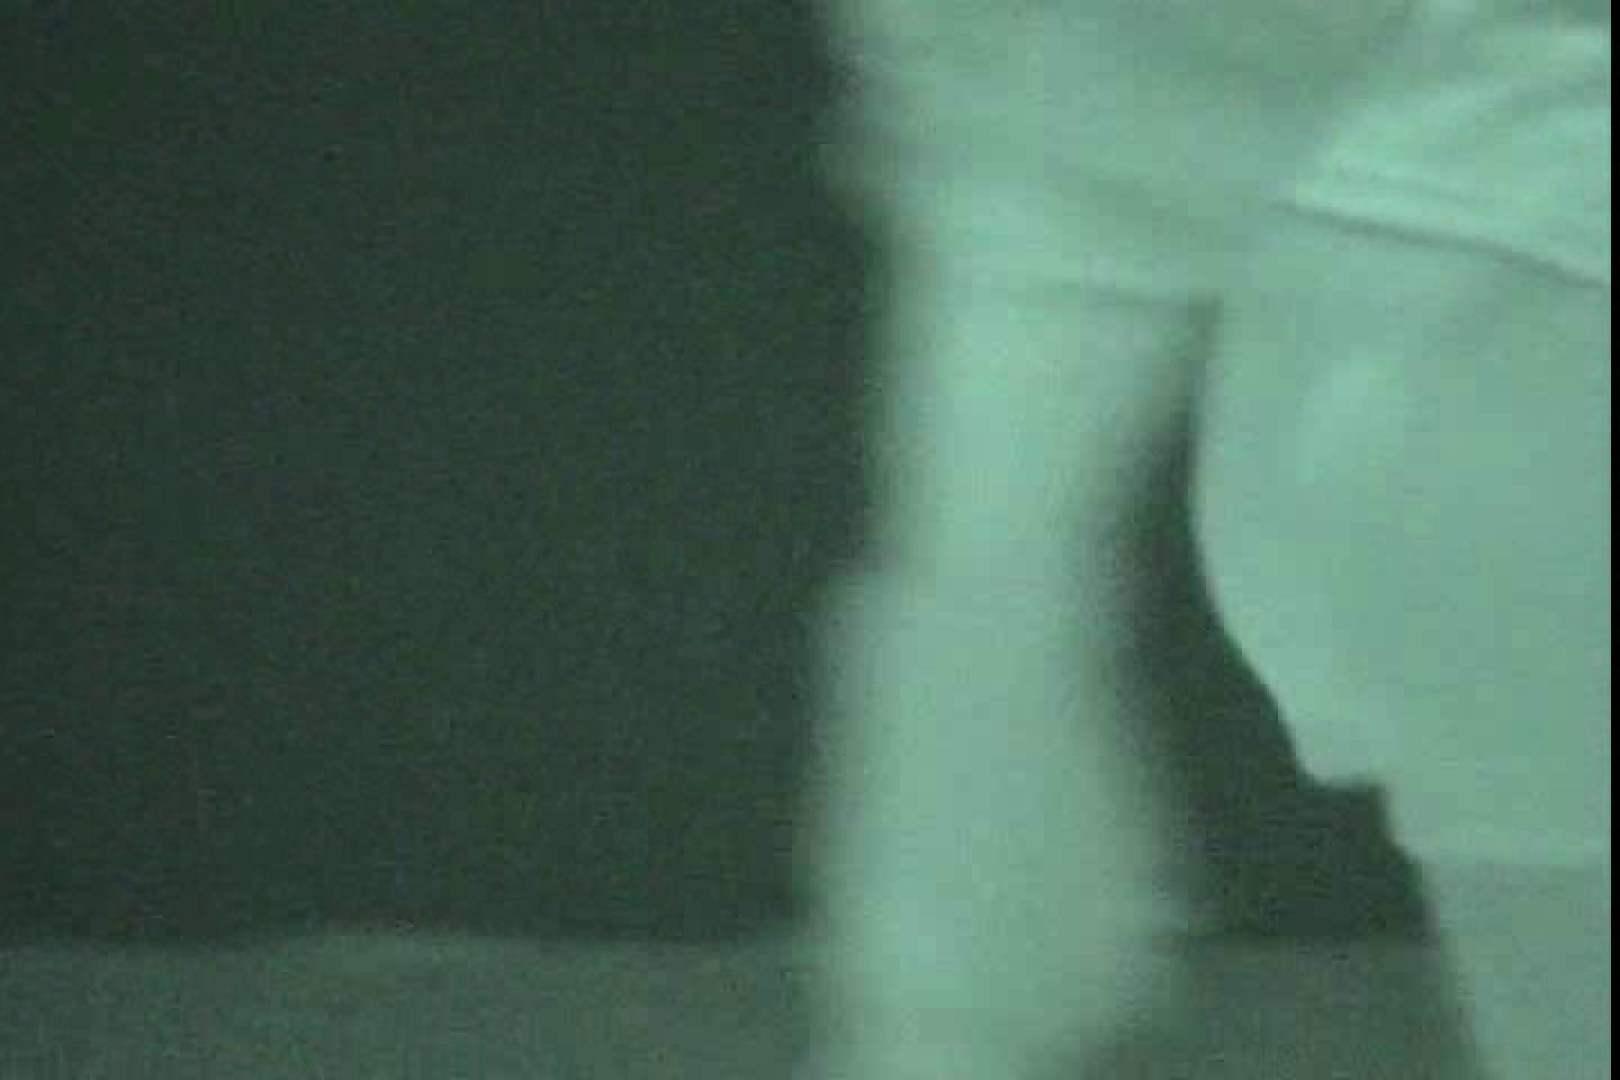 赤外線ムレスケバレー(汗) vol.02 アスリート | 美しいOLの裸体  93pic 70